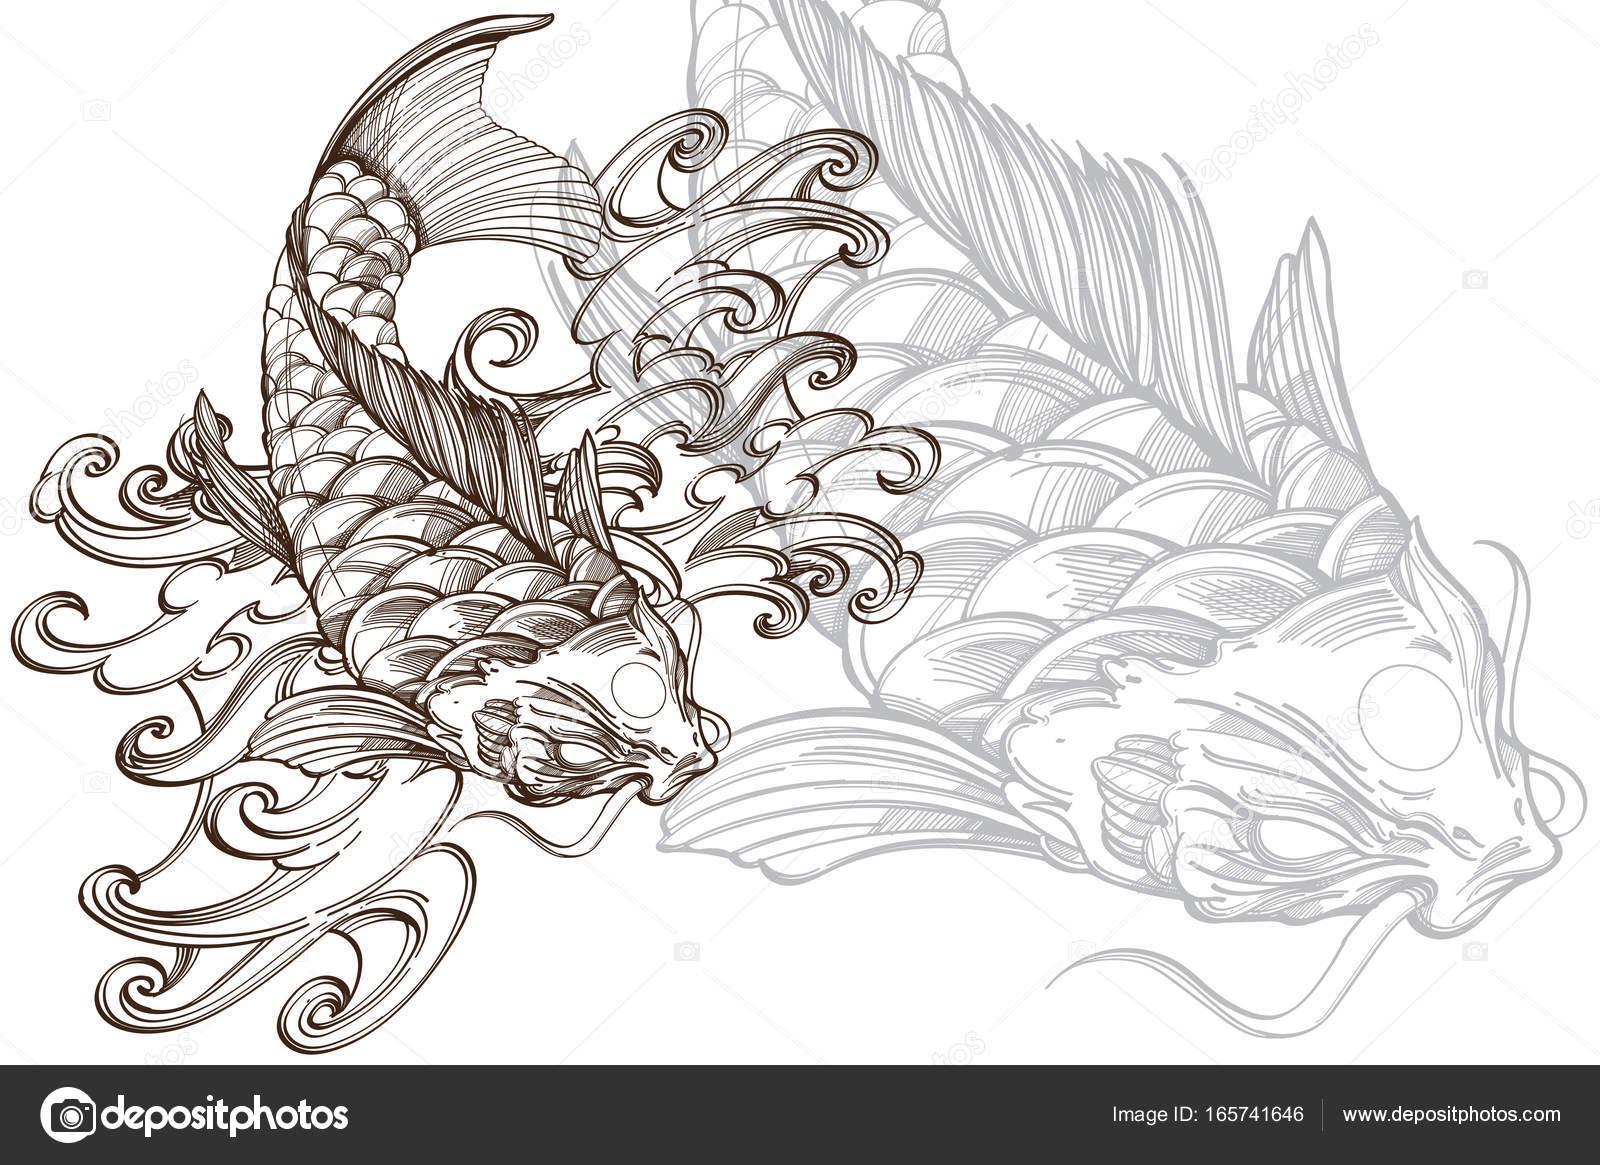 Dibujos Pez Koi Dibujo Blanco Y Negro Imagen De Pez Koi Con Onda